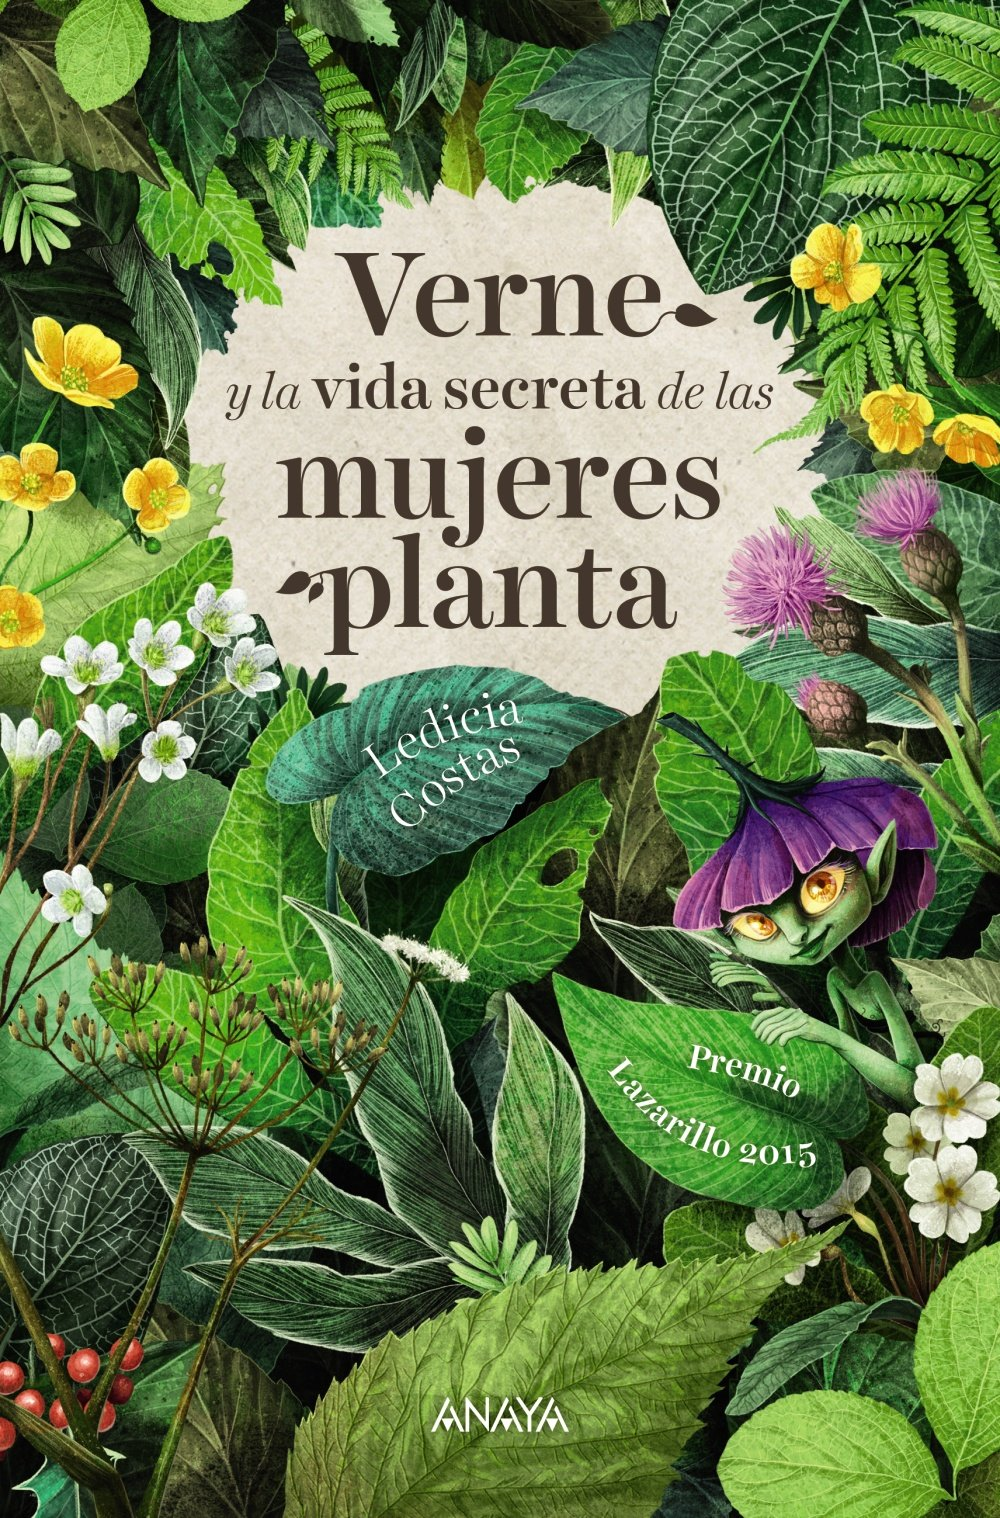 Portada libro - Verne y la vida secreta de las mujeres planta